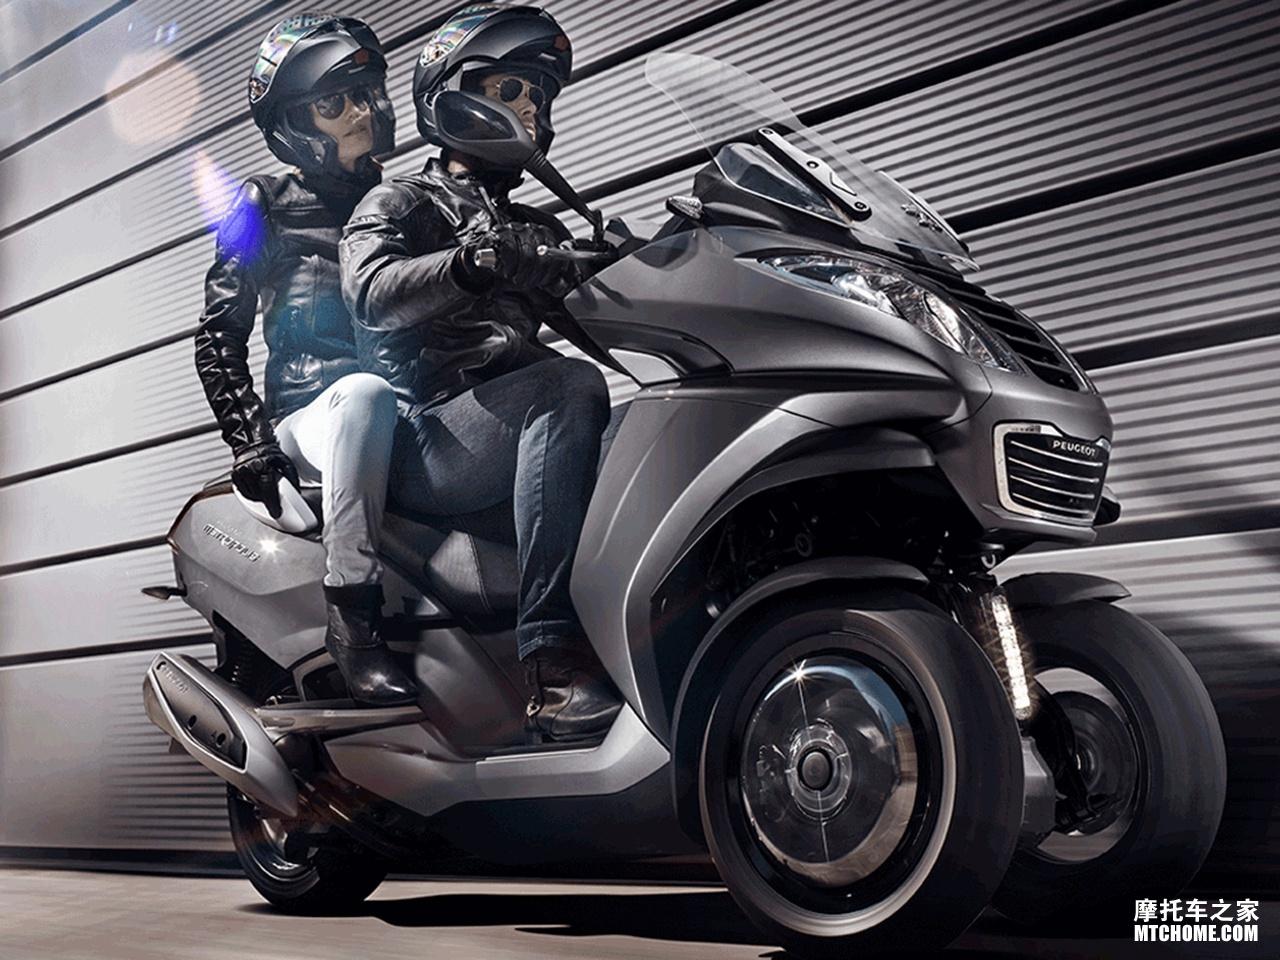 小越野摩托车_倒三轮的设计方向与传统交通工具比较的优势 - 三轮挎子 - 摩托 ...